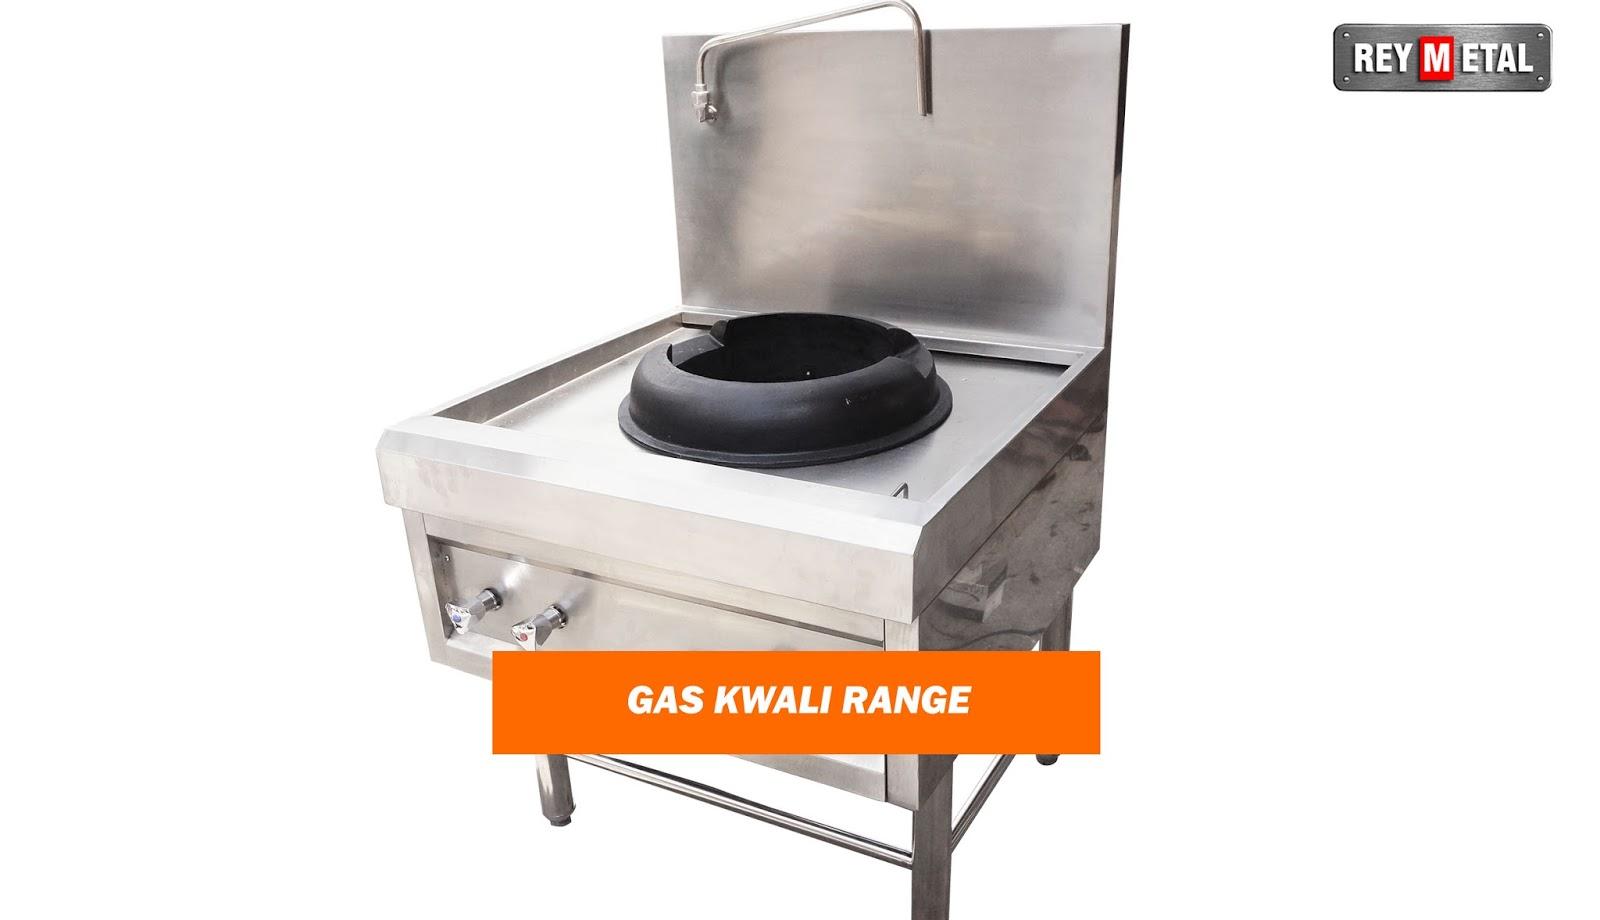 Reymetal com produsen kitchen set stainless for Daftar harga kitchen set stainless steel